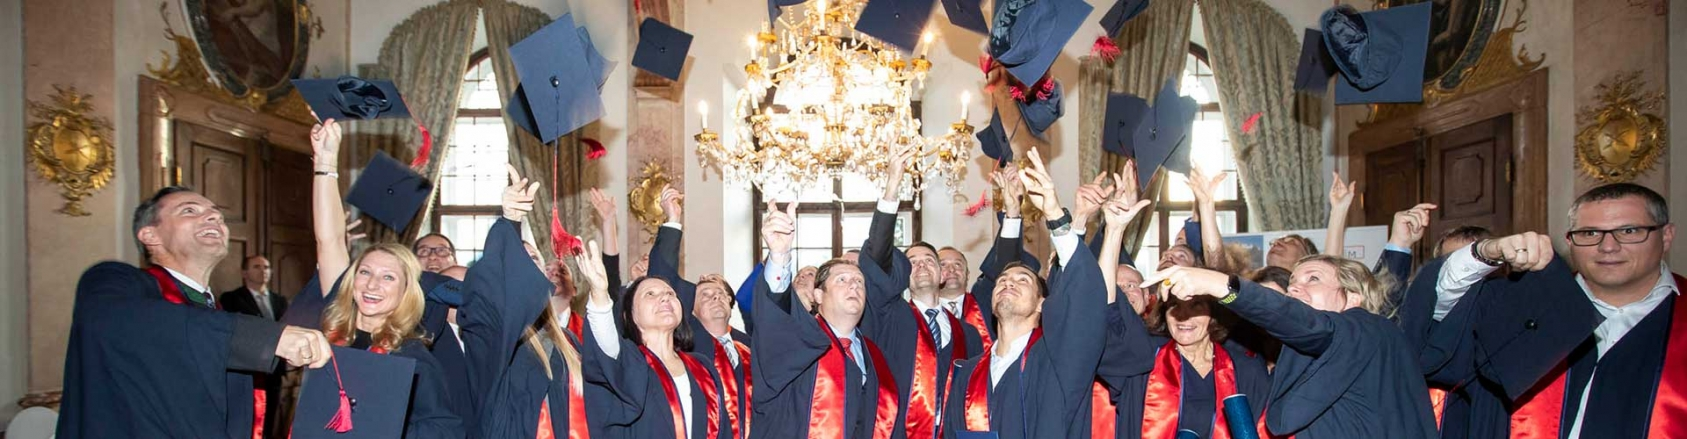 Header Barettwurf Graduierungsfeier